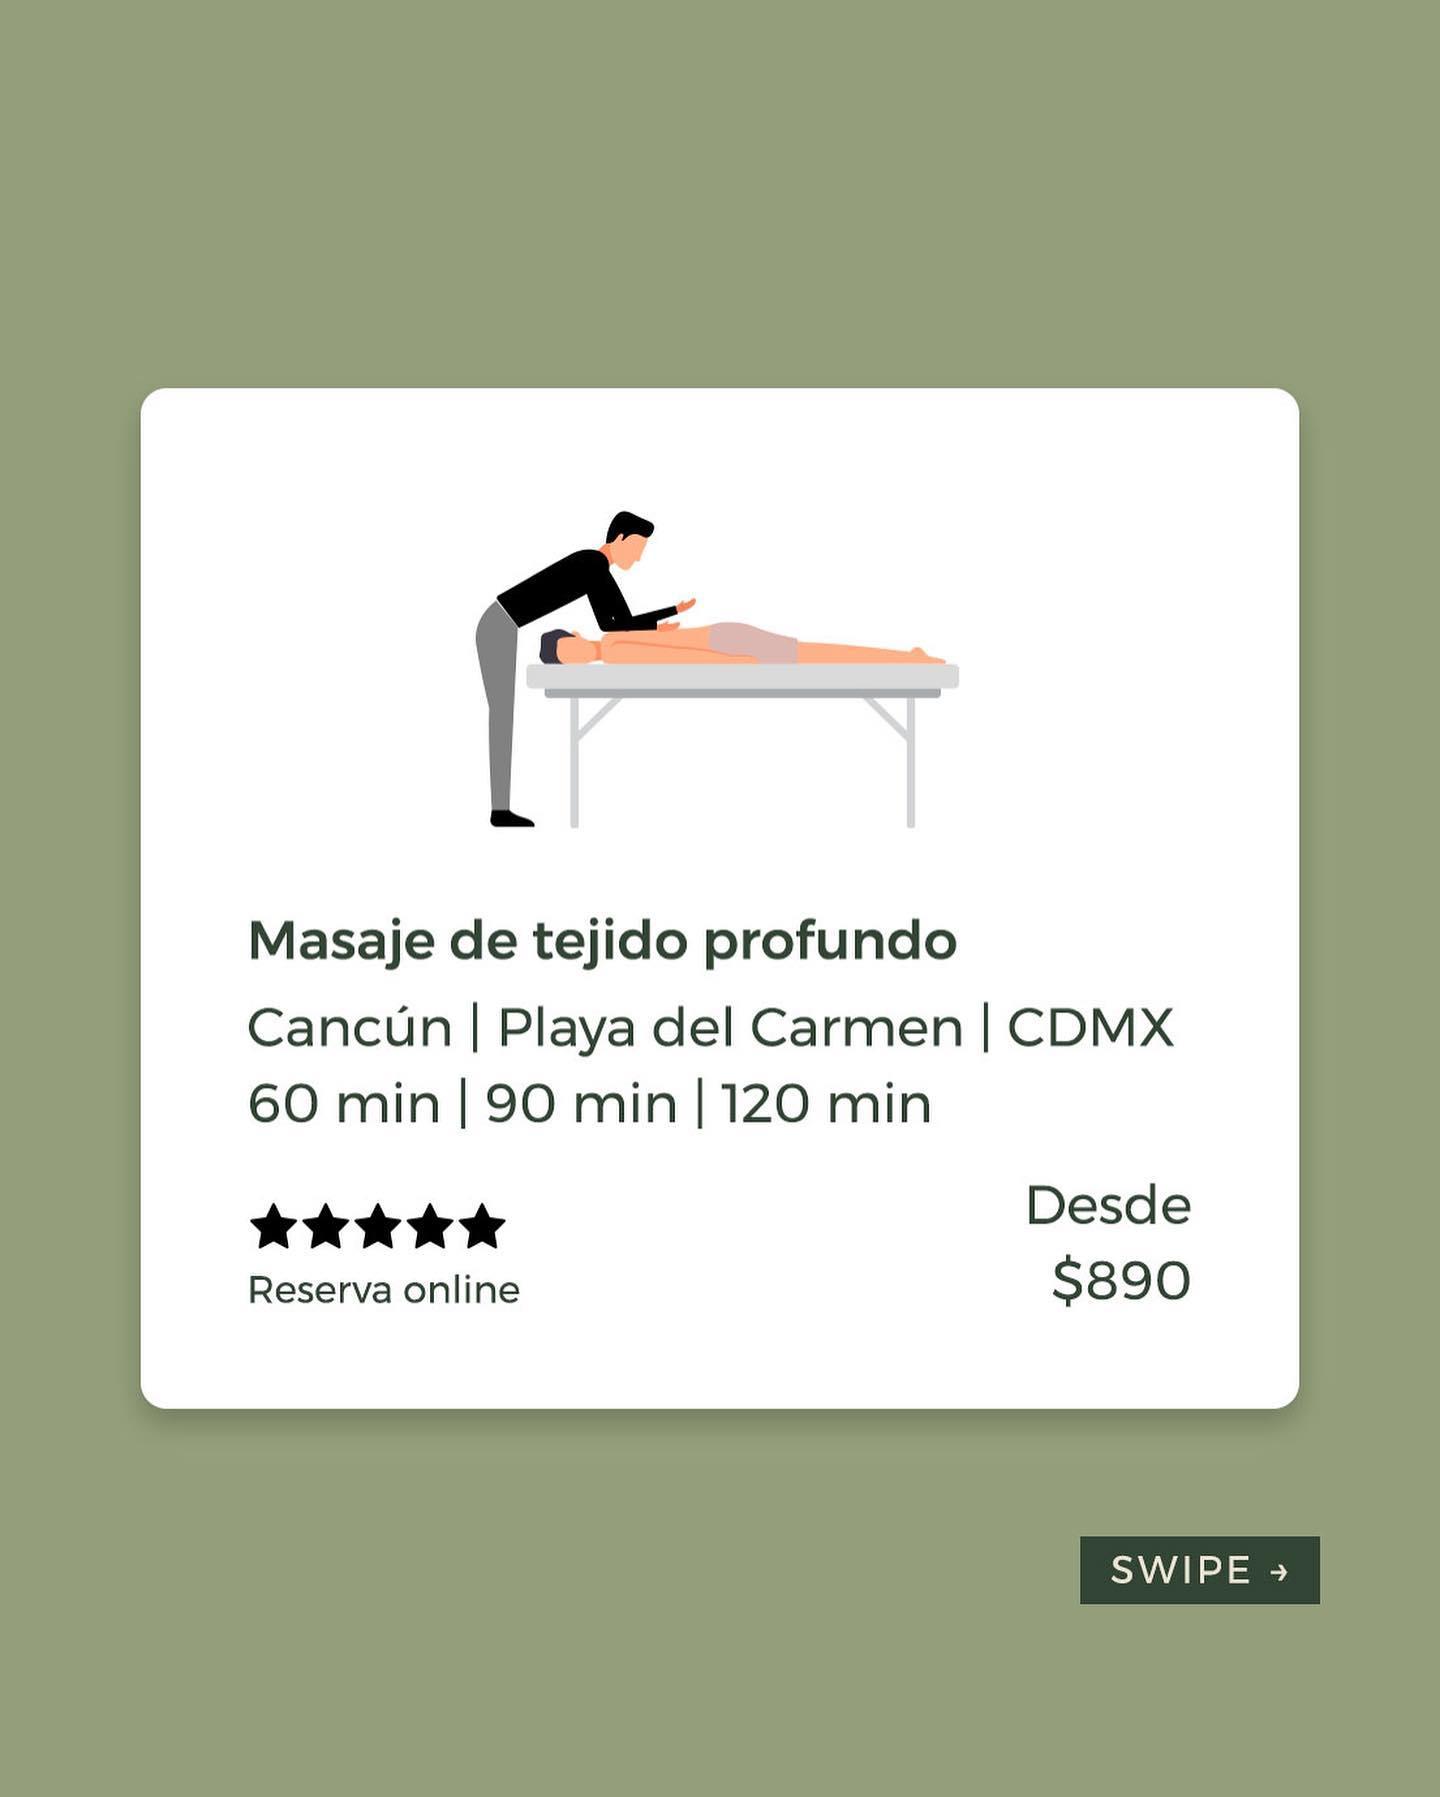 Si padeces de dolor muscular, contracturas y rigidez recurrentes, te interesa el masaje de tejido profundo.   Pero, ¿qué es u